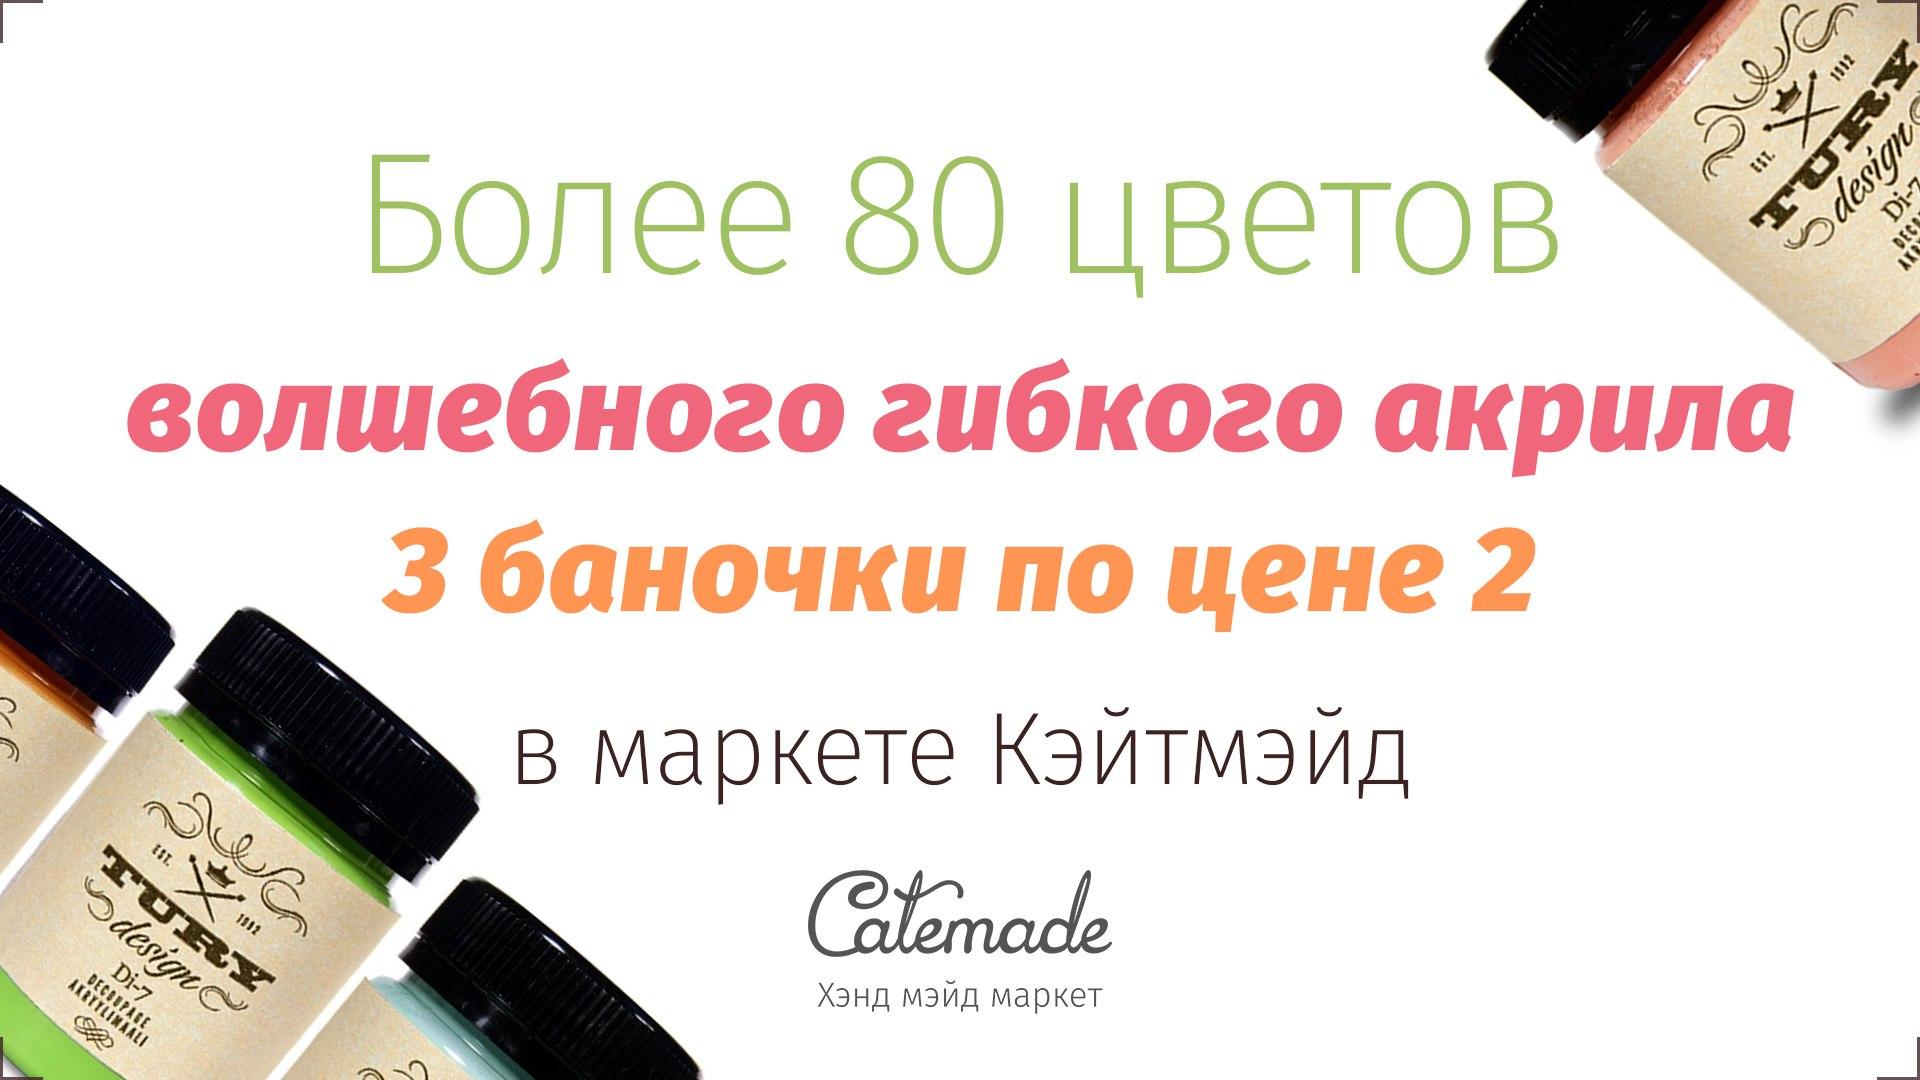 Более 80 цветов волшебного гибкого акрила, 3 баночки по цене 2 в хэнд мэйд маркете Кэйтмэйд Catemade